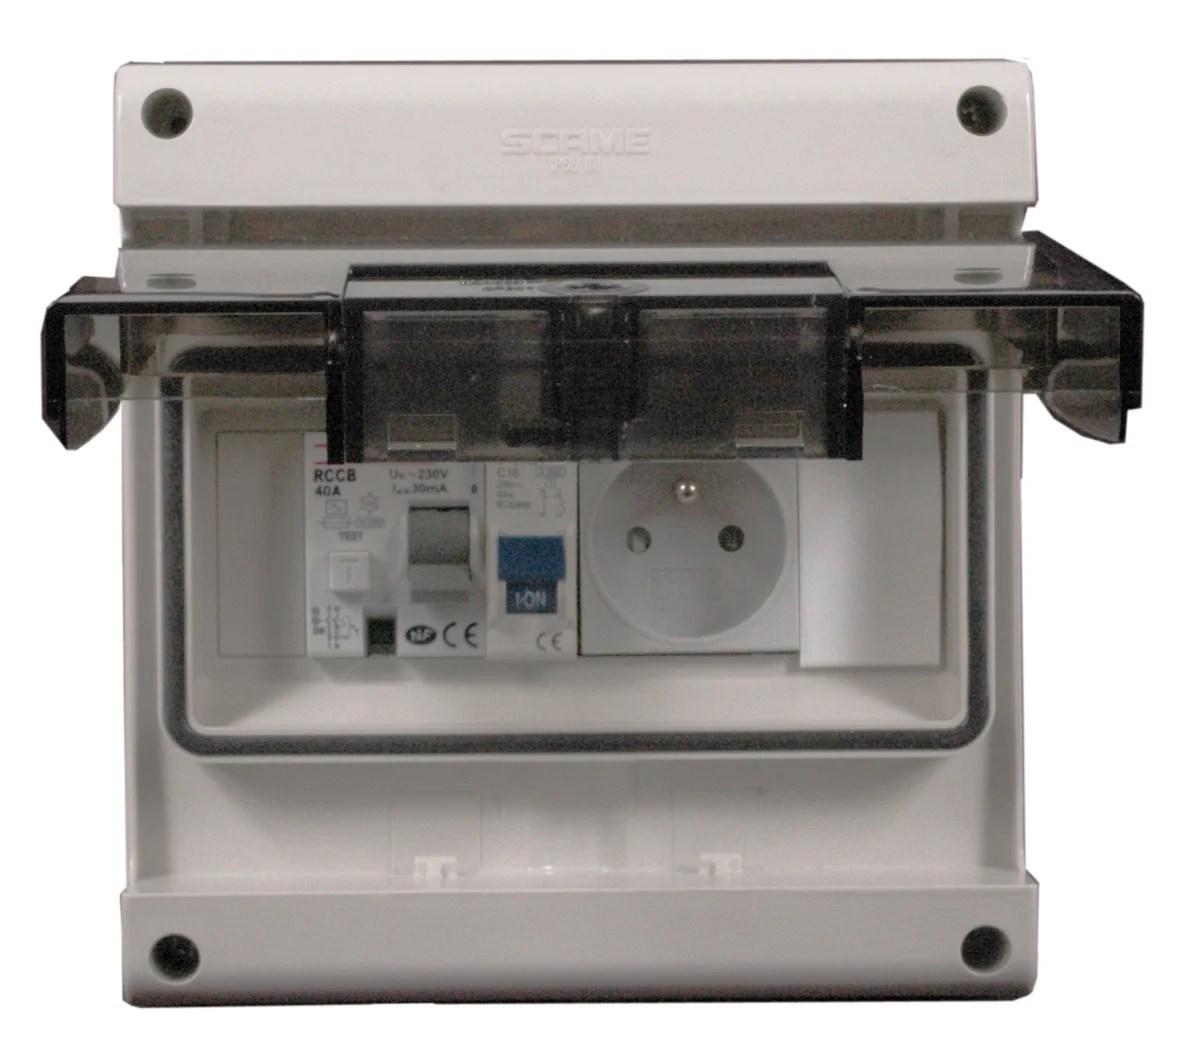 Tableau Electrique Equipe Et Precable Etanche Debflex 1 Rangee 8 Modules Leroy Merlin